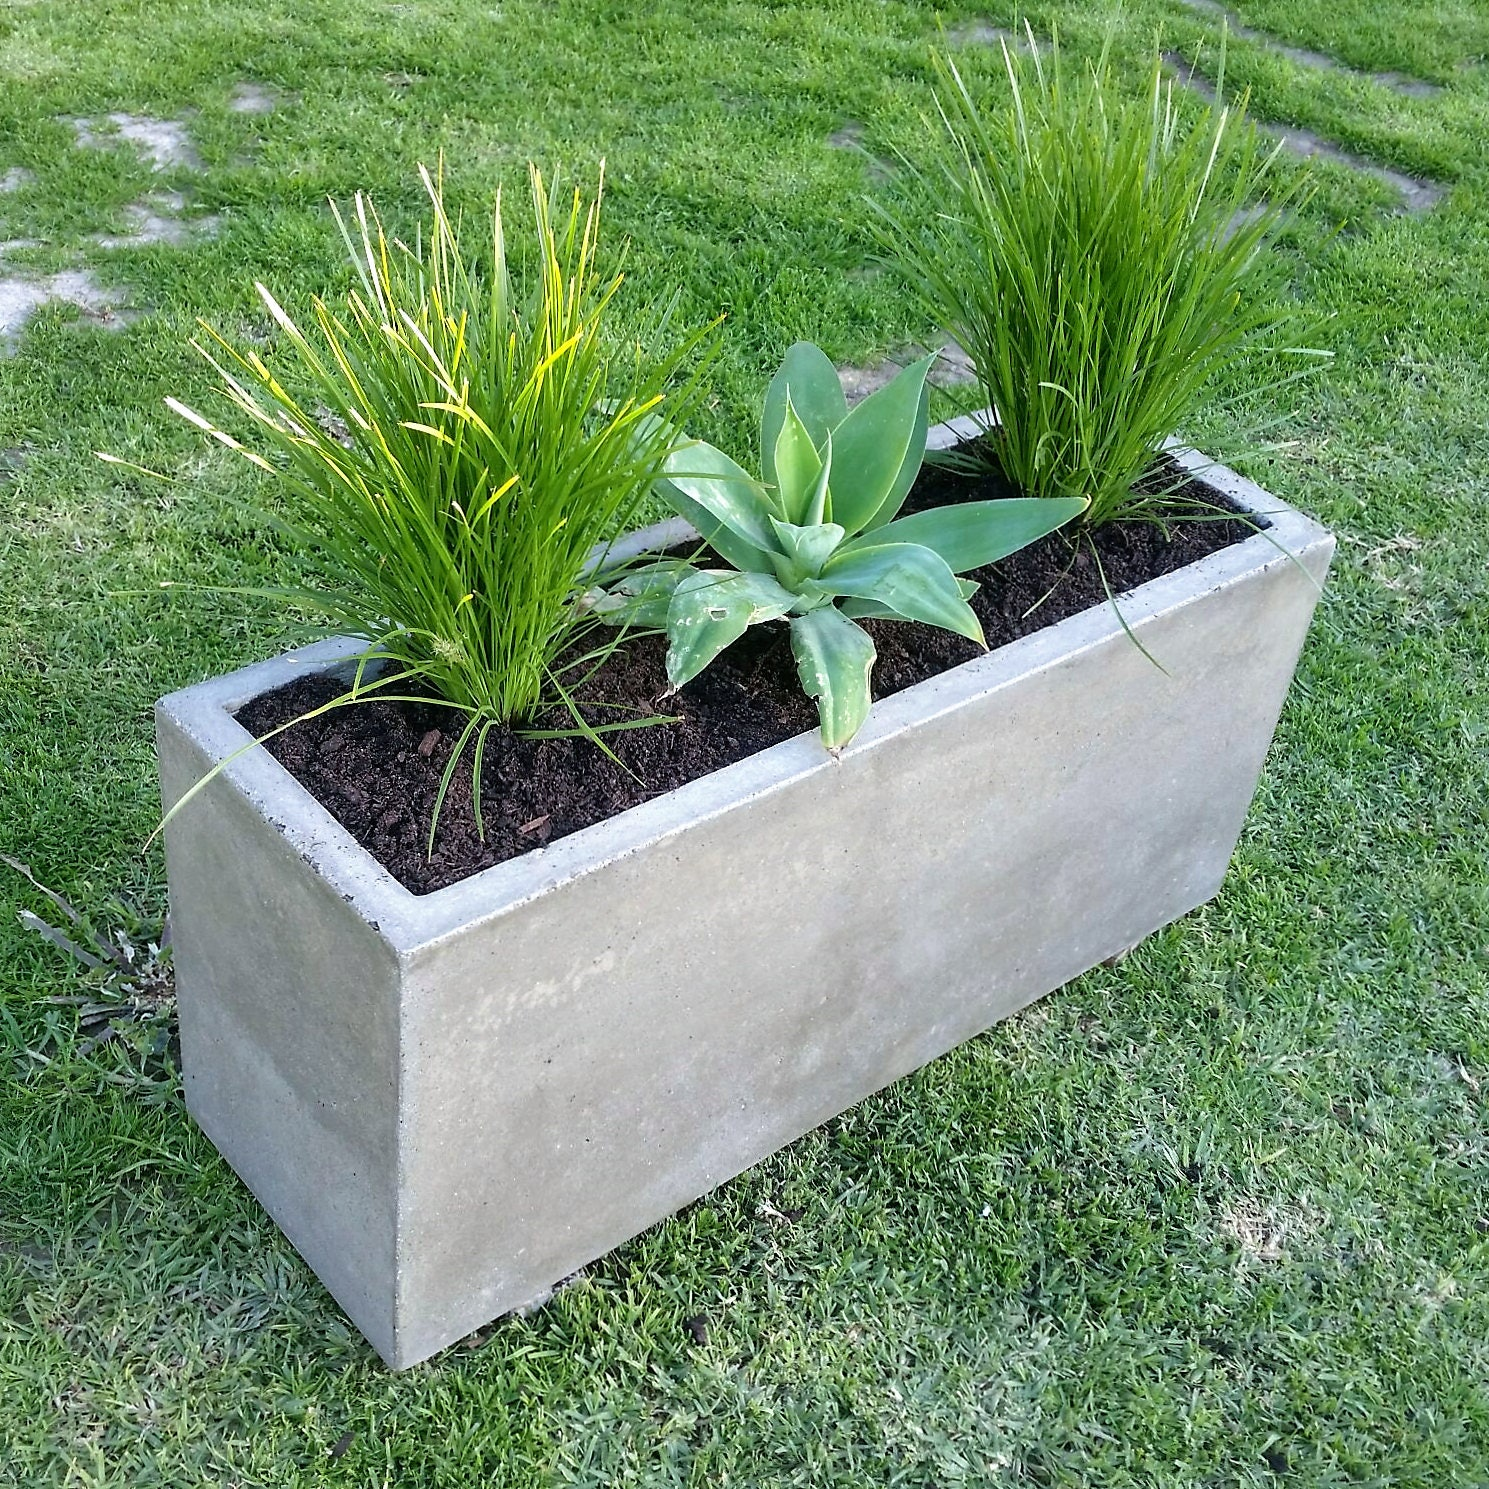 Diy Concrete Planter Box: Rectangular Large Concrete Planter Trough. 900mm X 300mm X